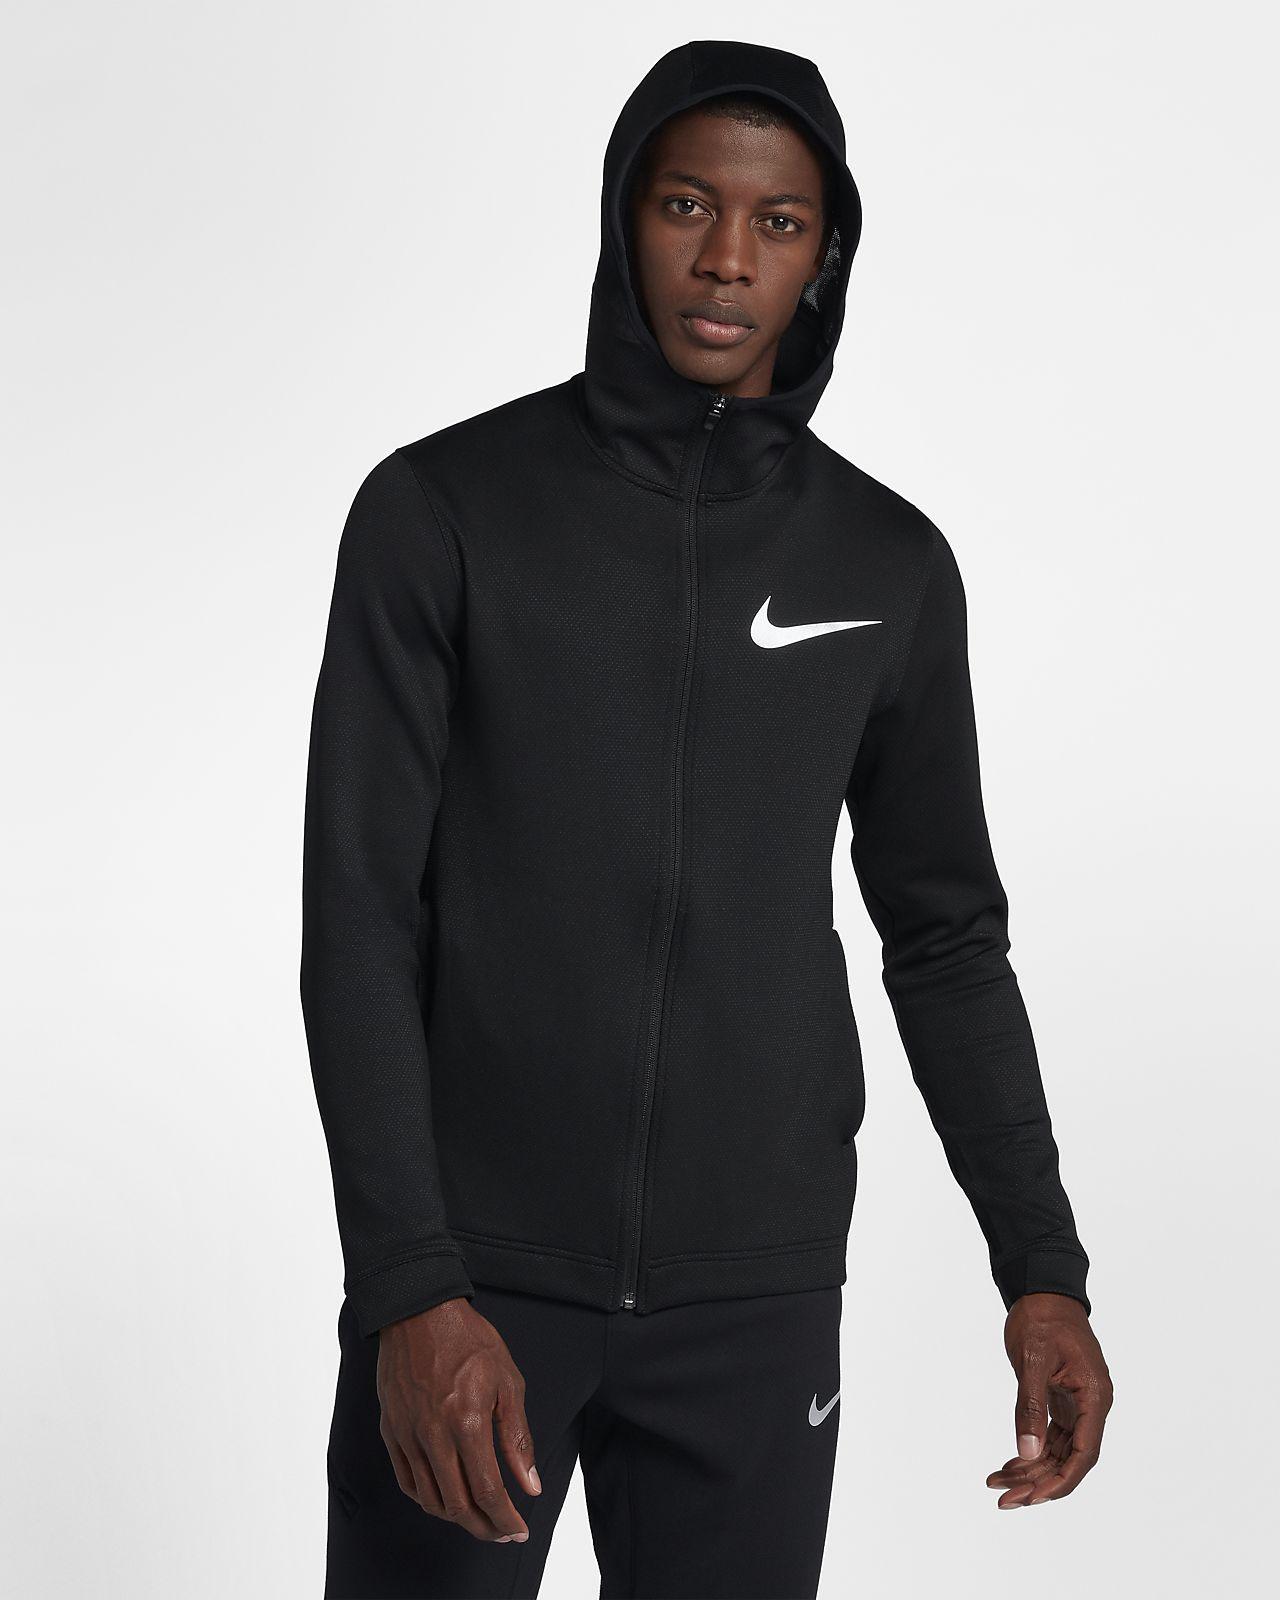 975d2e0e5 Sweat à capuche de basketball entièrement zippé Nike Therma Flex ...